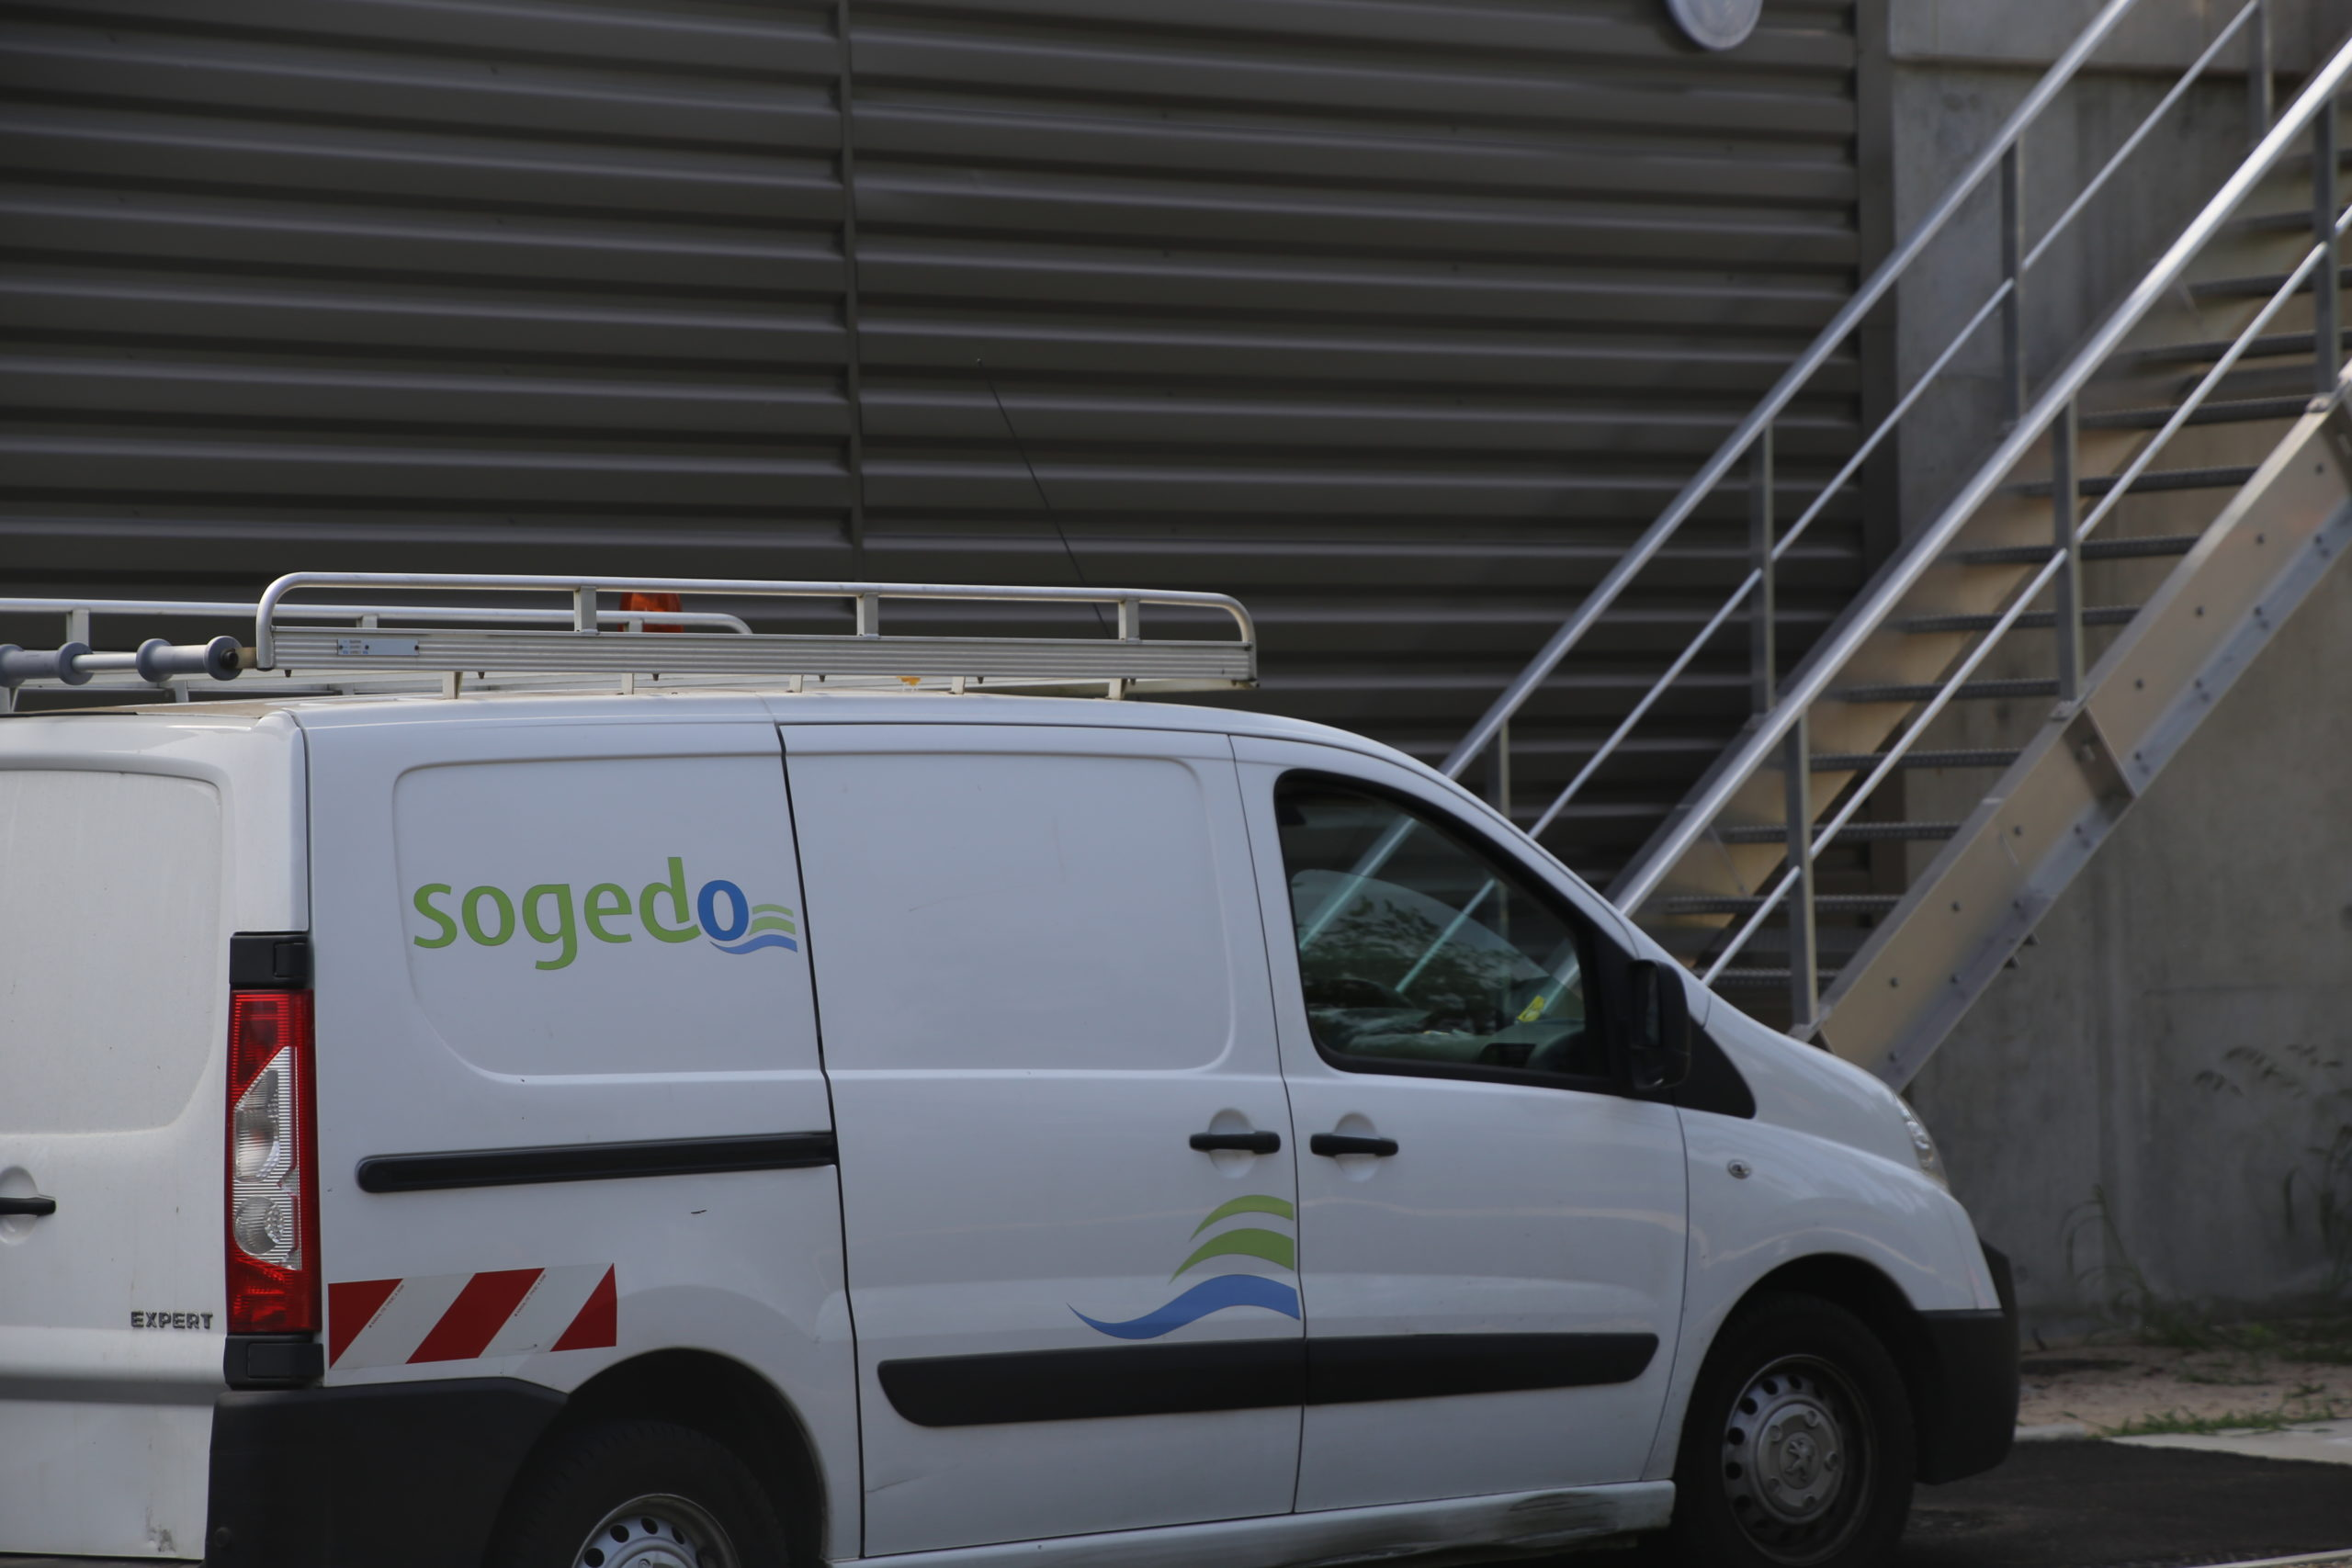 Flash info 02 (19 heures 37) : Saint-Laurent-la-Vallée (Dordogne) : le retour à la normale est en cours pour l'alimentation en eau